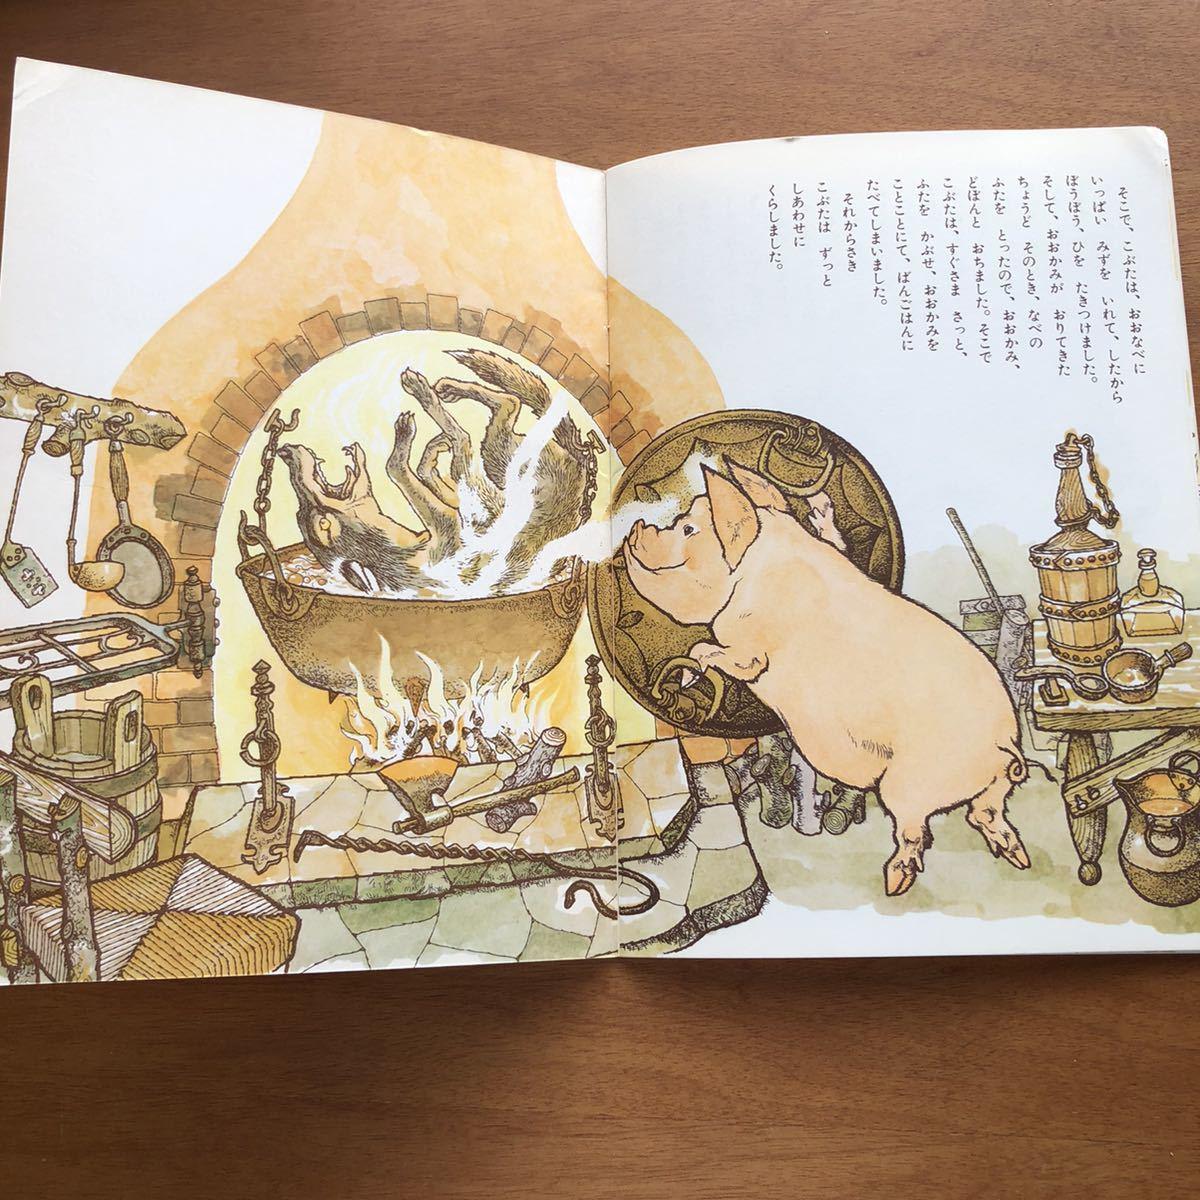 こどものとも ものがたりえほん 三びきのこぶた イギリス昔話 瀬田貞二 山田三郎 1987年 古い 絵本 ぶた おおかみ 昭和レトロ